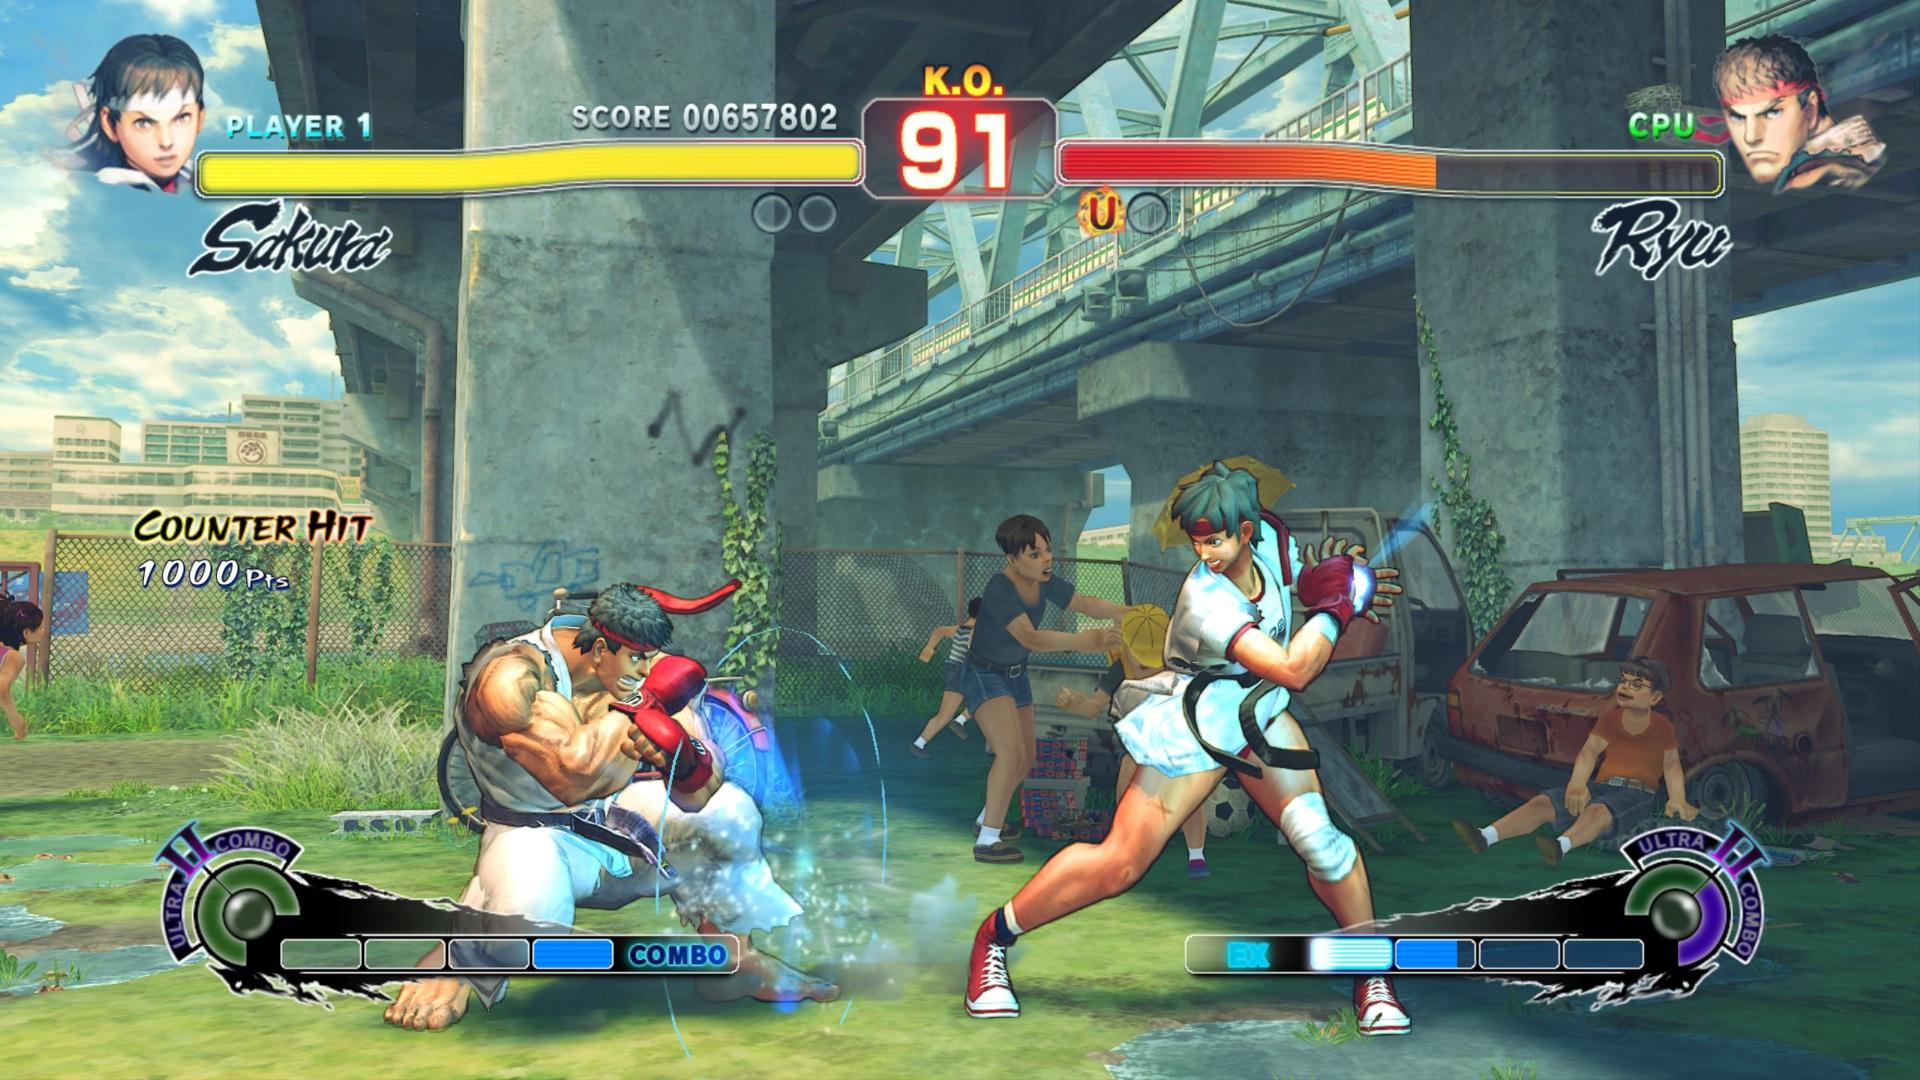 Tekken 4 games